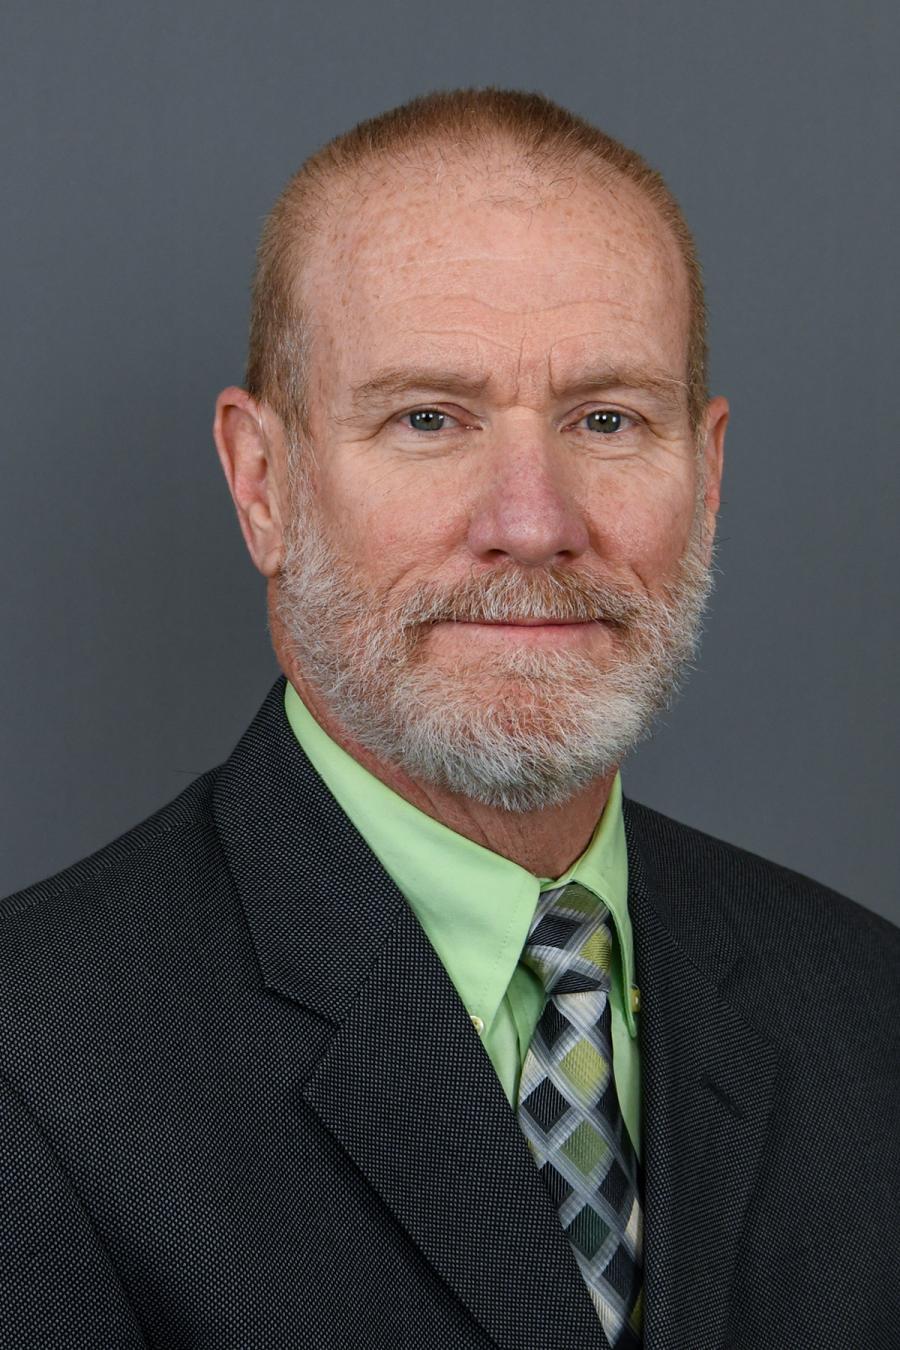 Troy Krumm